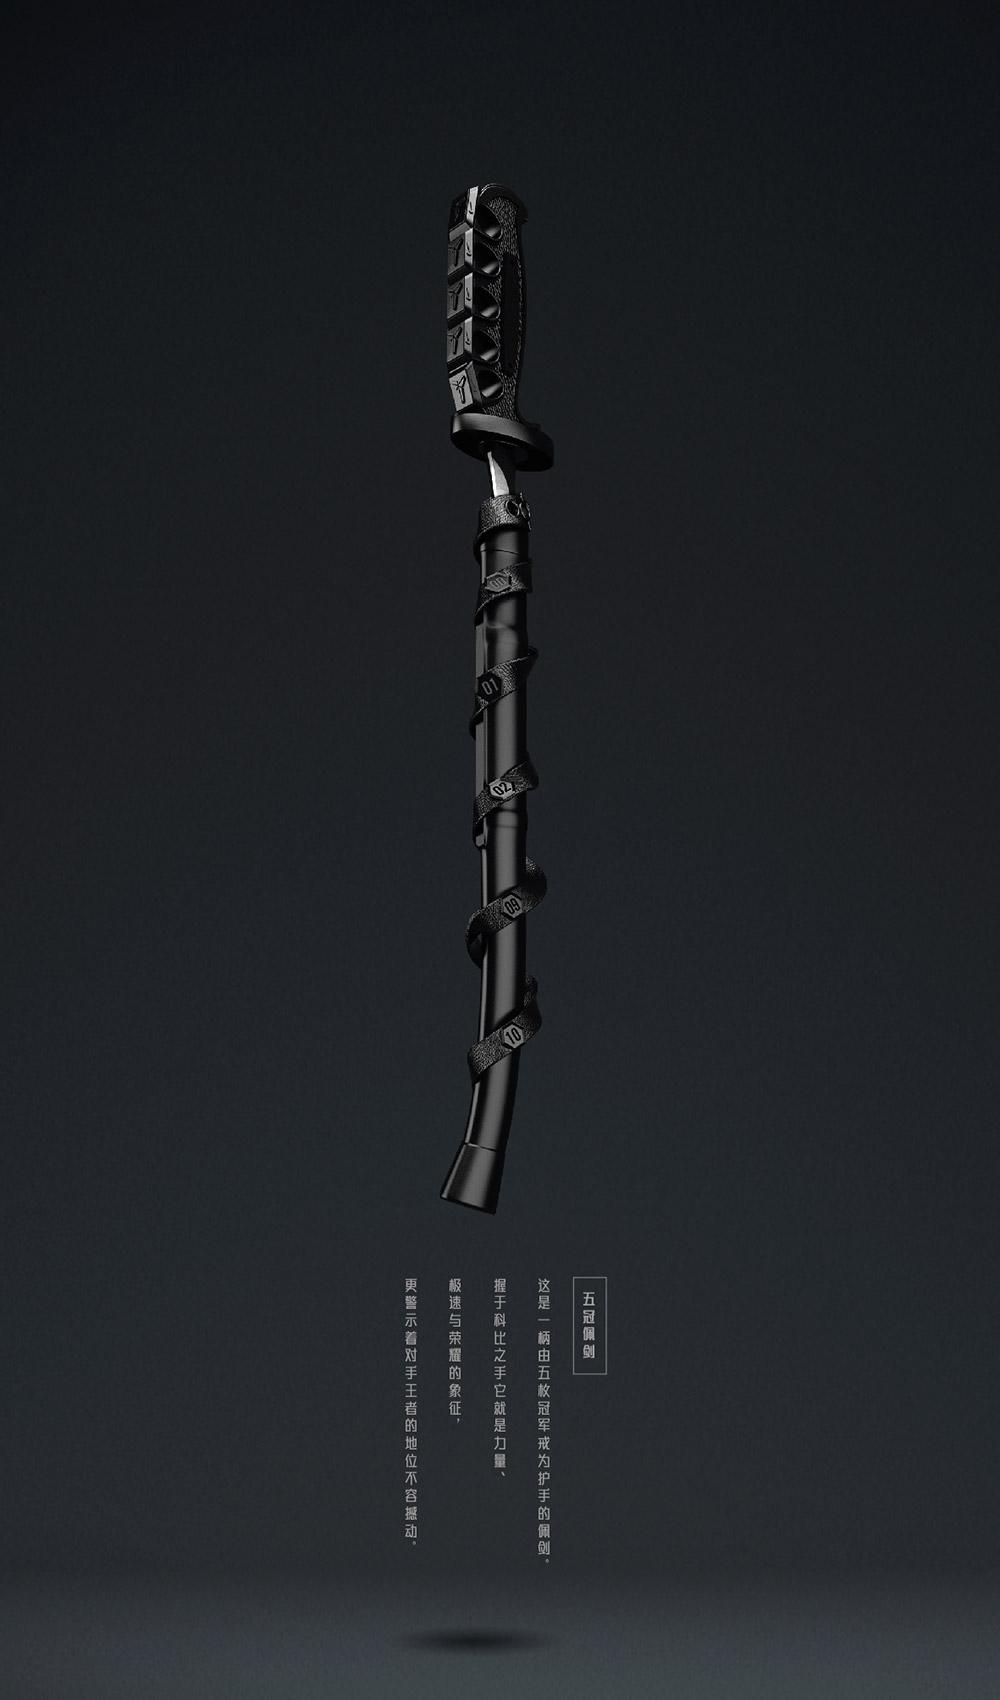 Kobe-Symbols-4-08